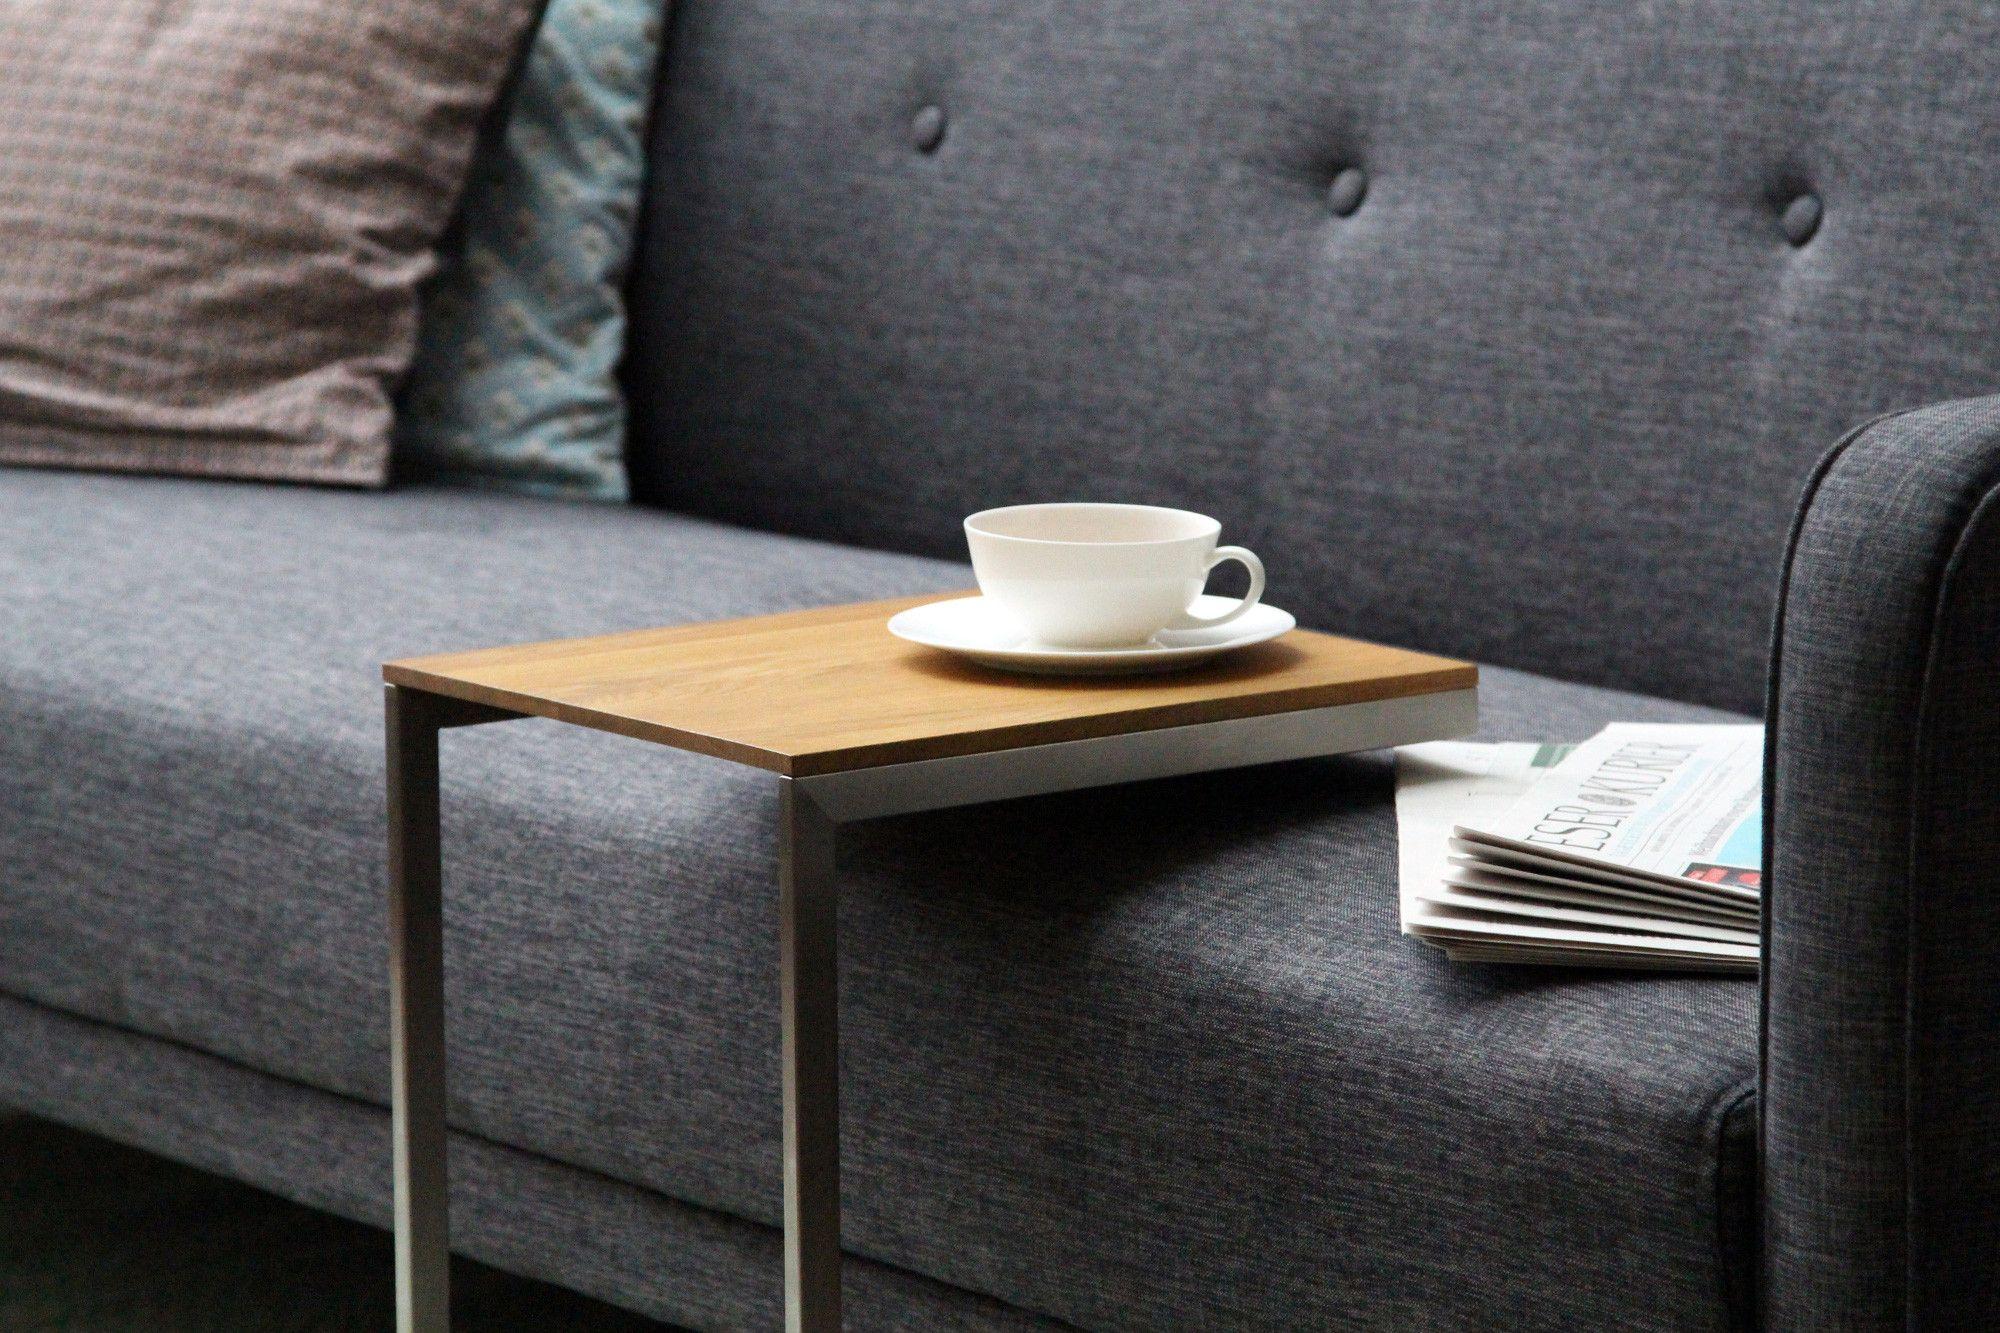 Beistelltisch Jano In 2019 Design Beistelltische Tisch Couch